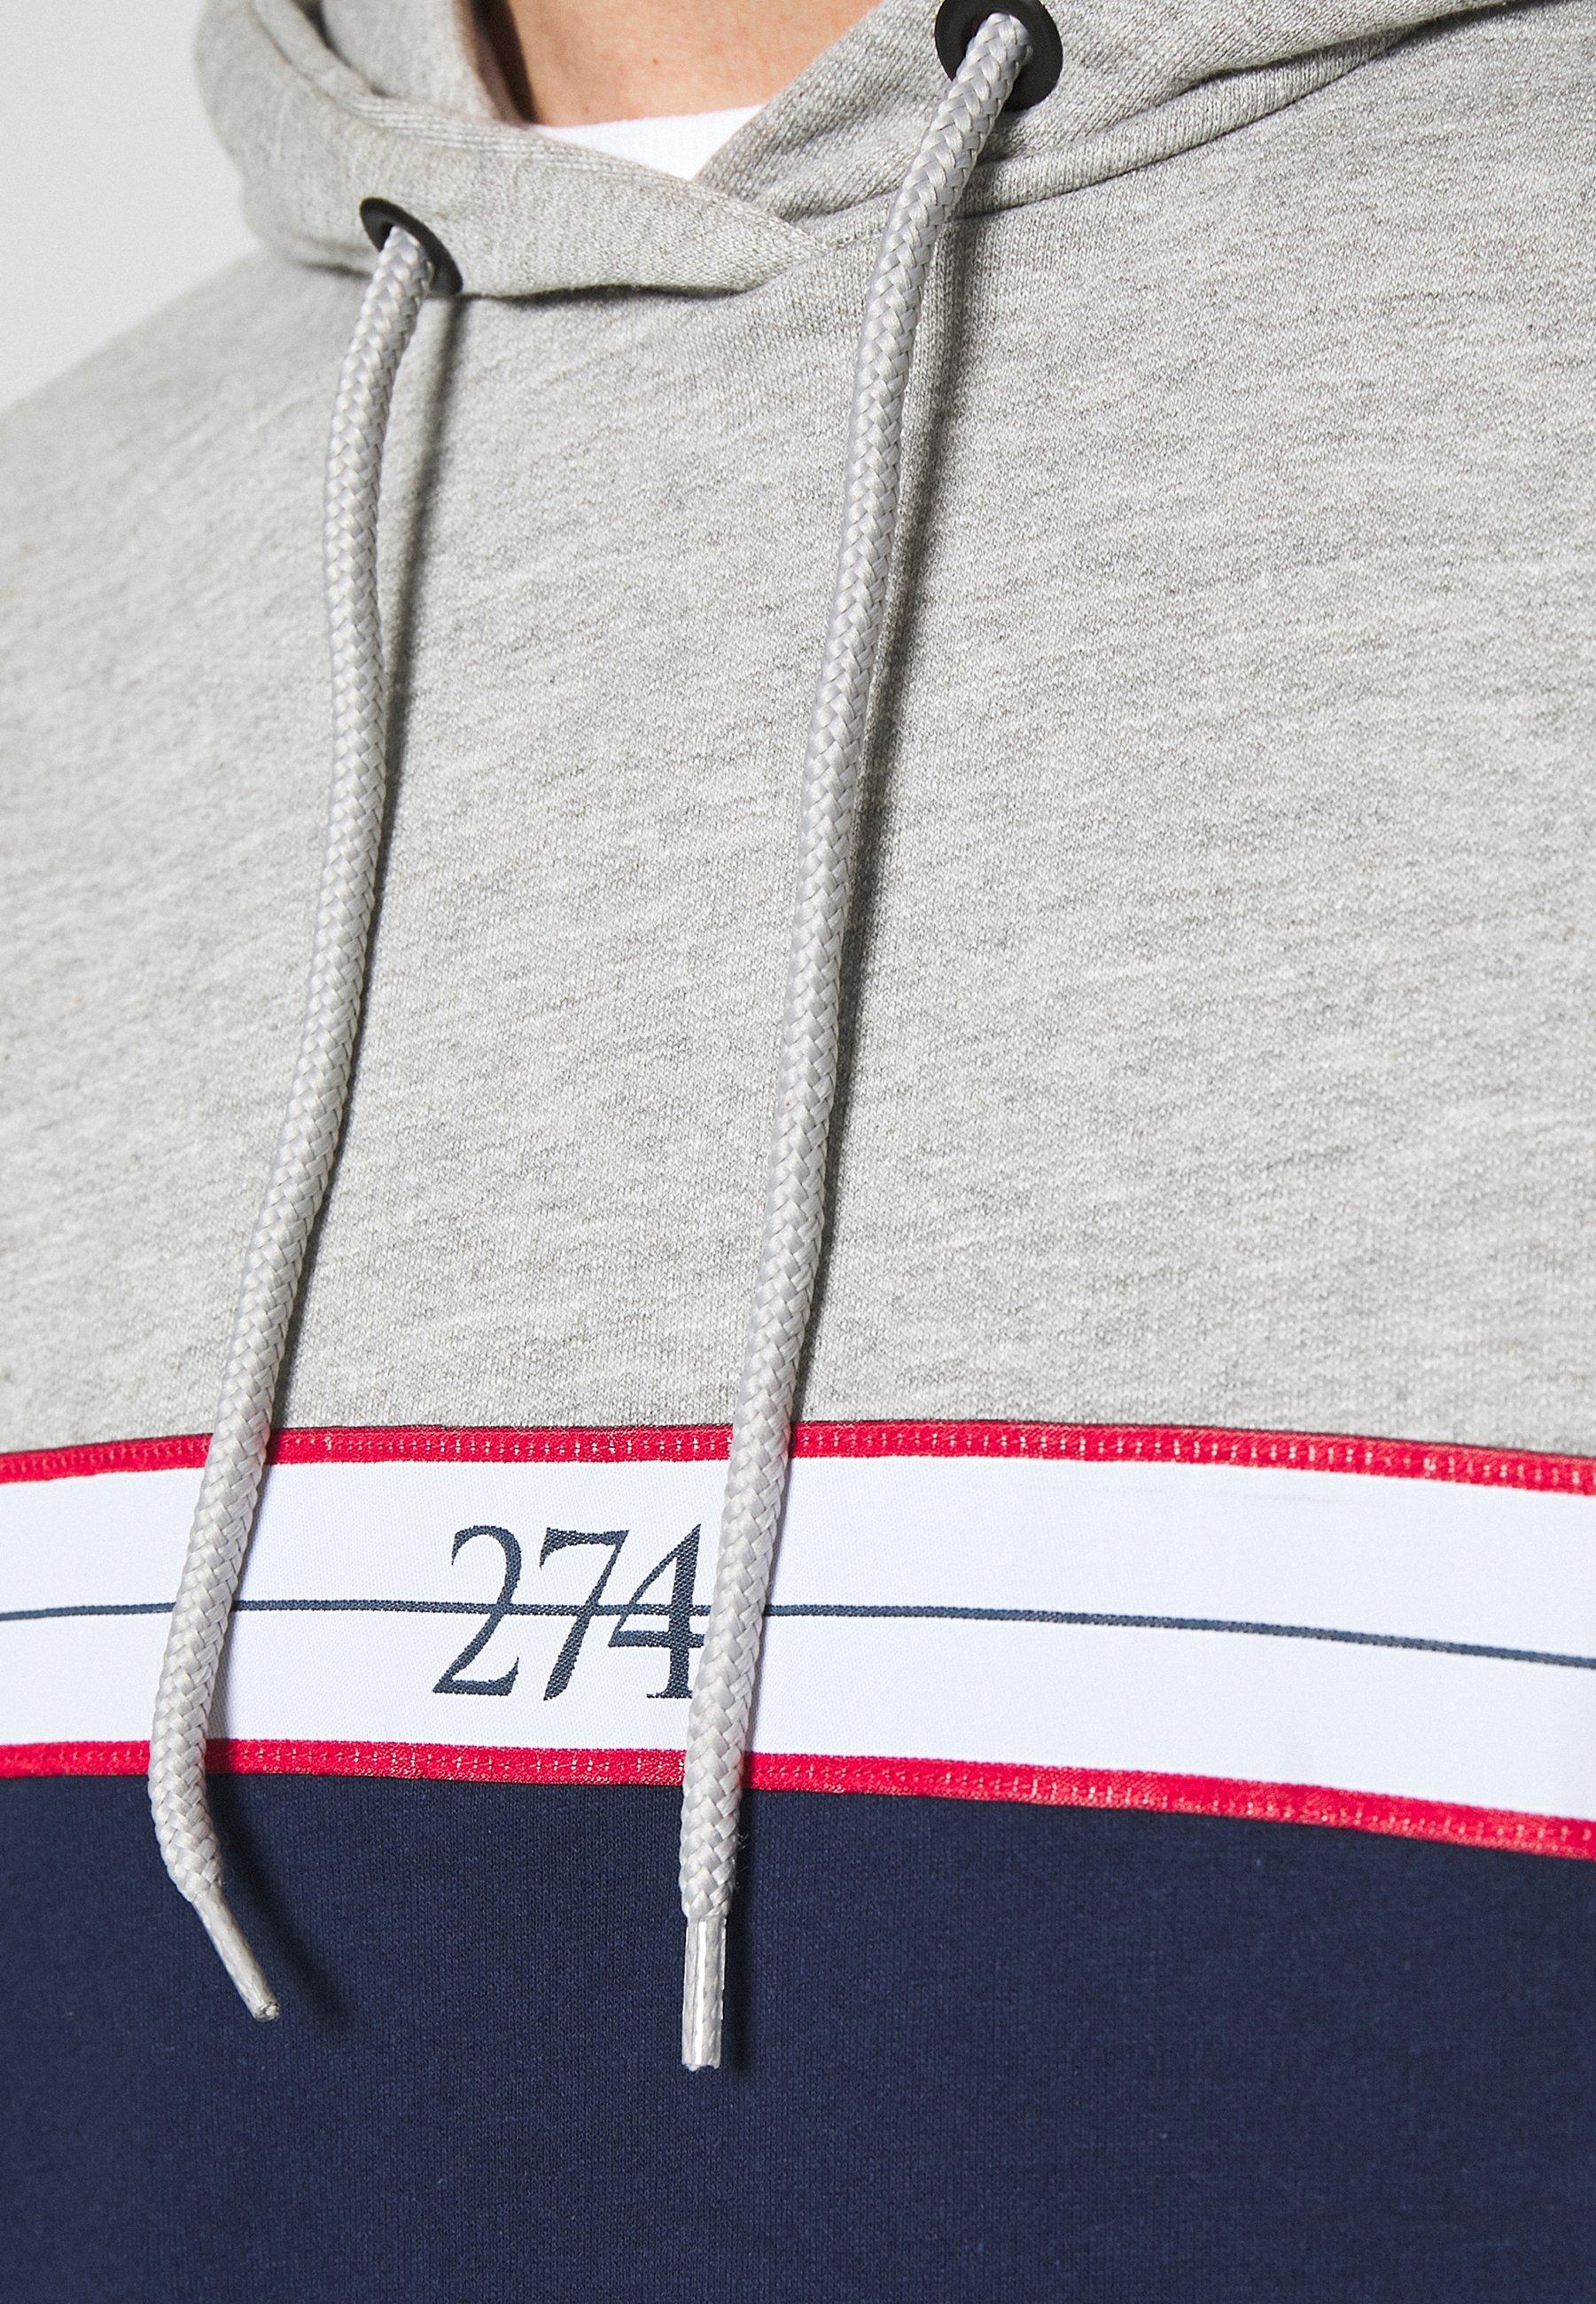 274 Windsor Tracksuit - Dres Grey Marl